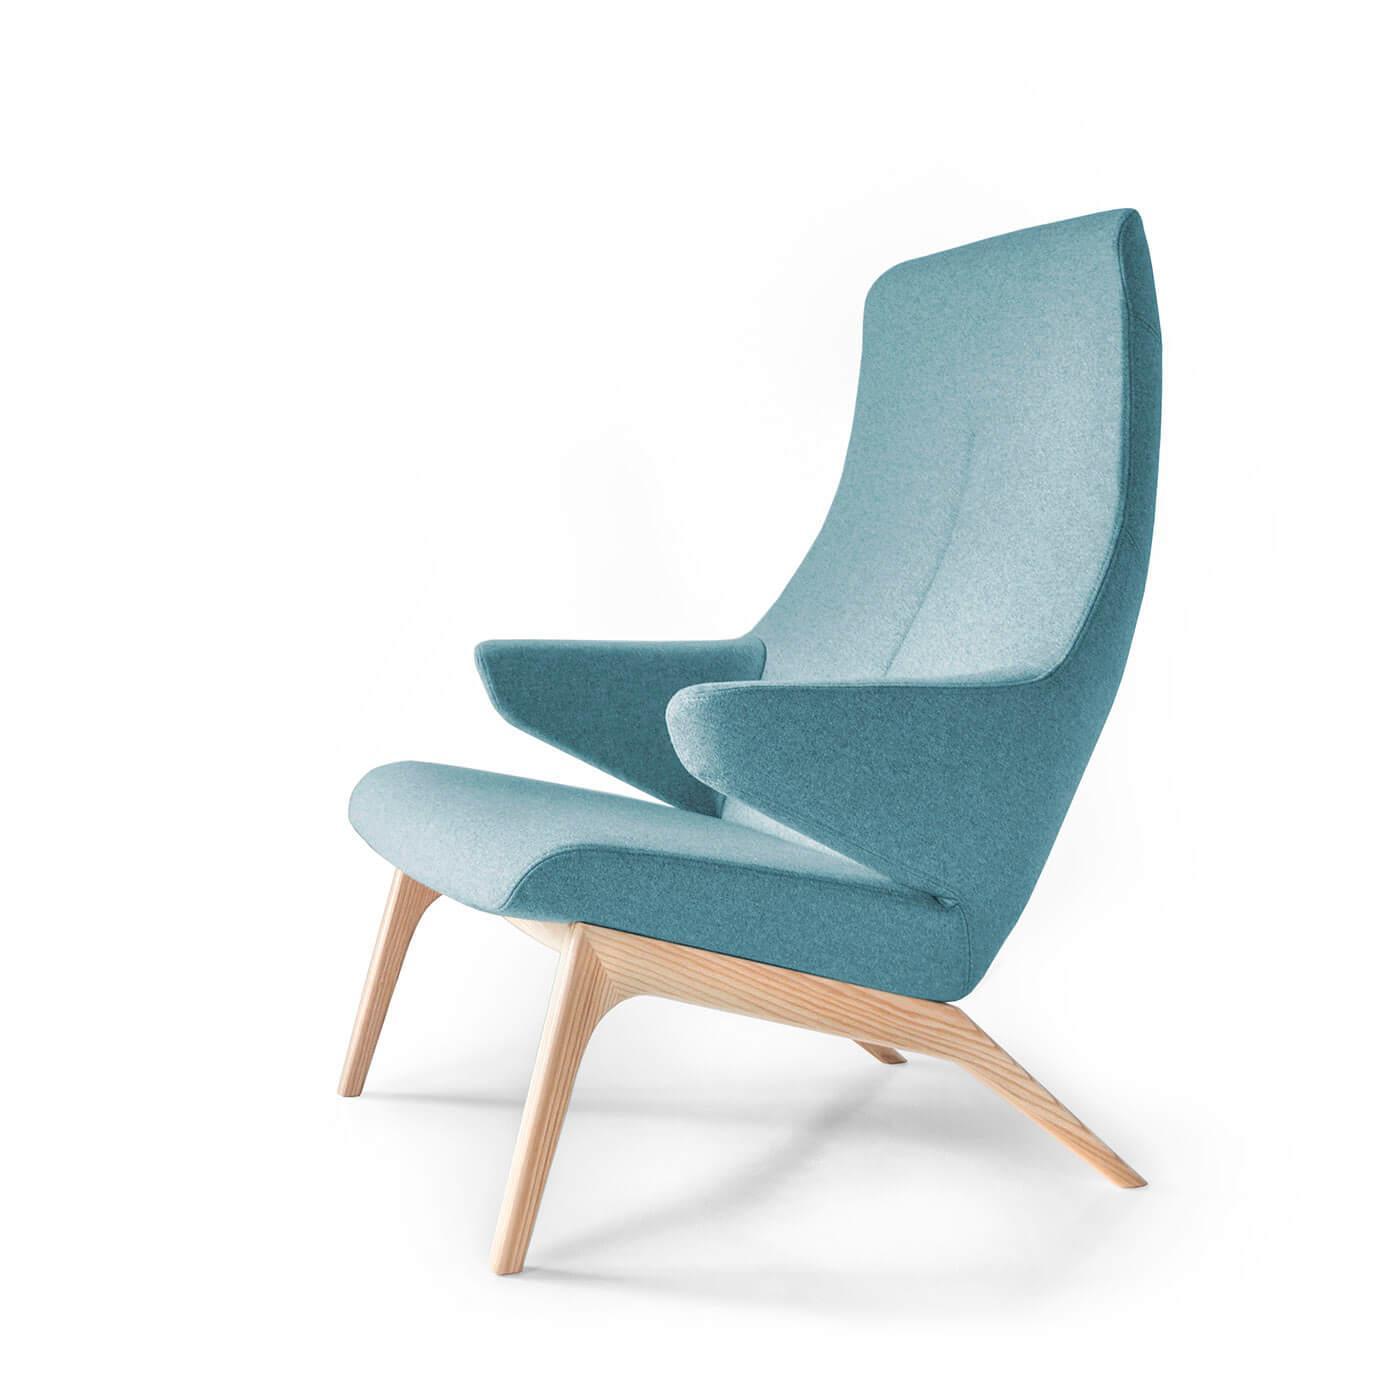 designer sessel voog skandinavisch. Black Bedroom Furniture Sets. Home Design Ideas